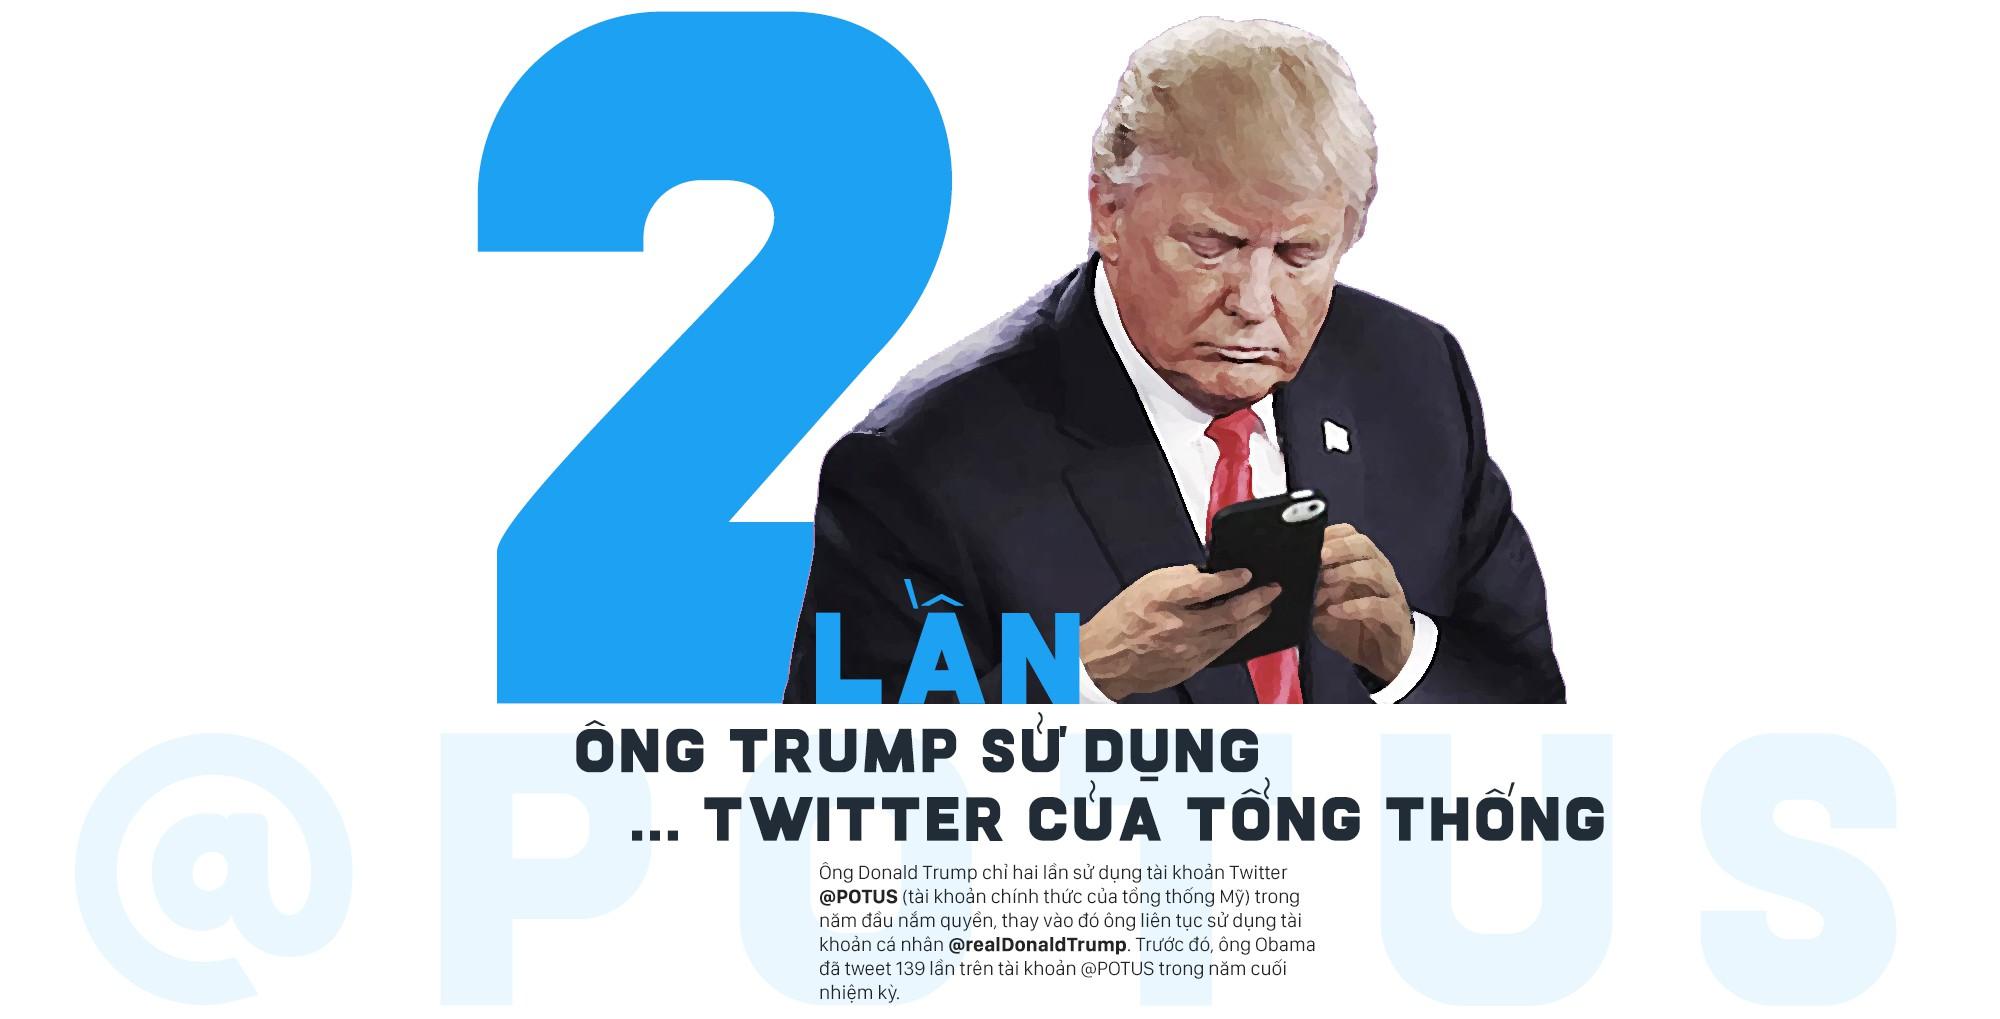 Năm đầu tiên trong Nhà Trắng của tổng thống Trump: Những con số kỷ lục đập tan tranh cãi - Ảnh 5.